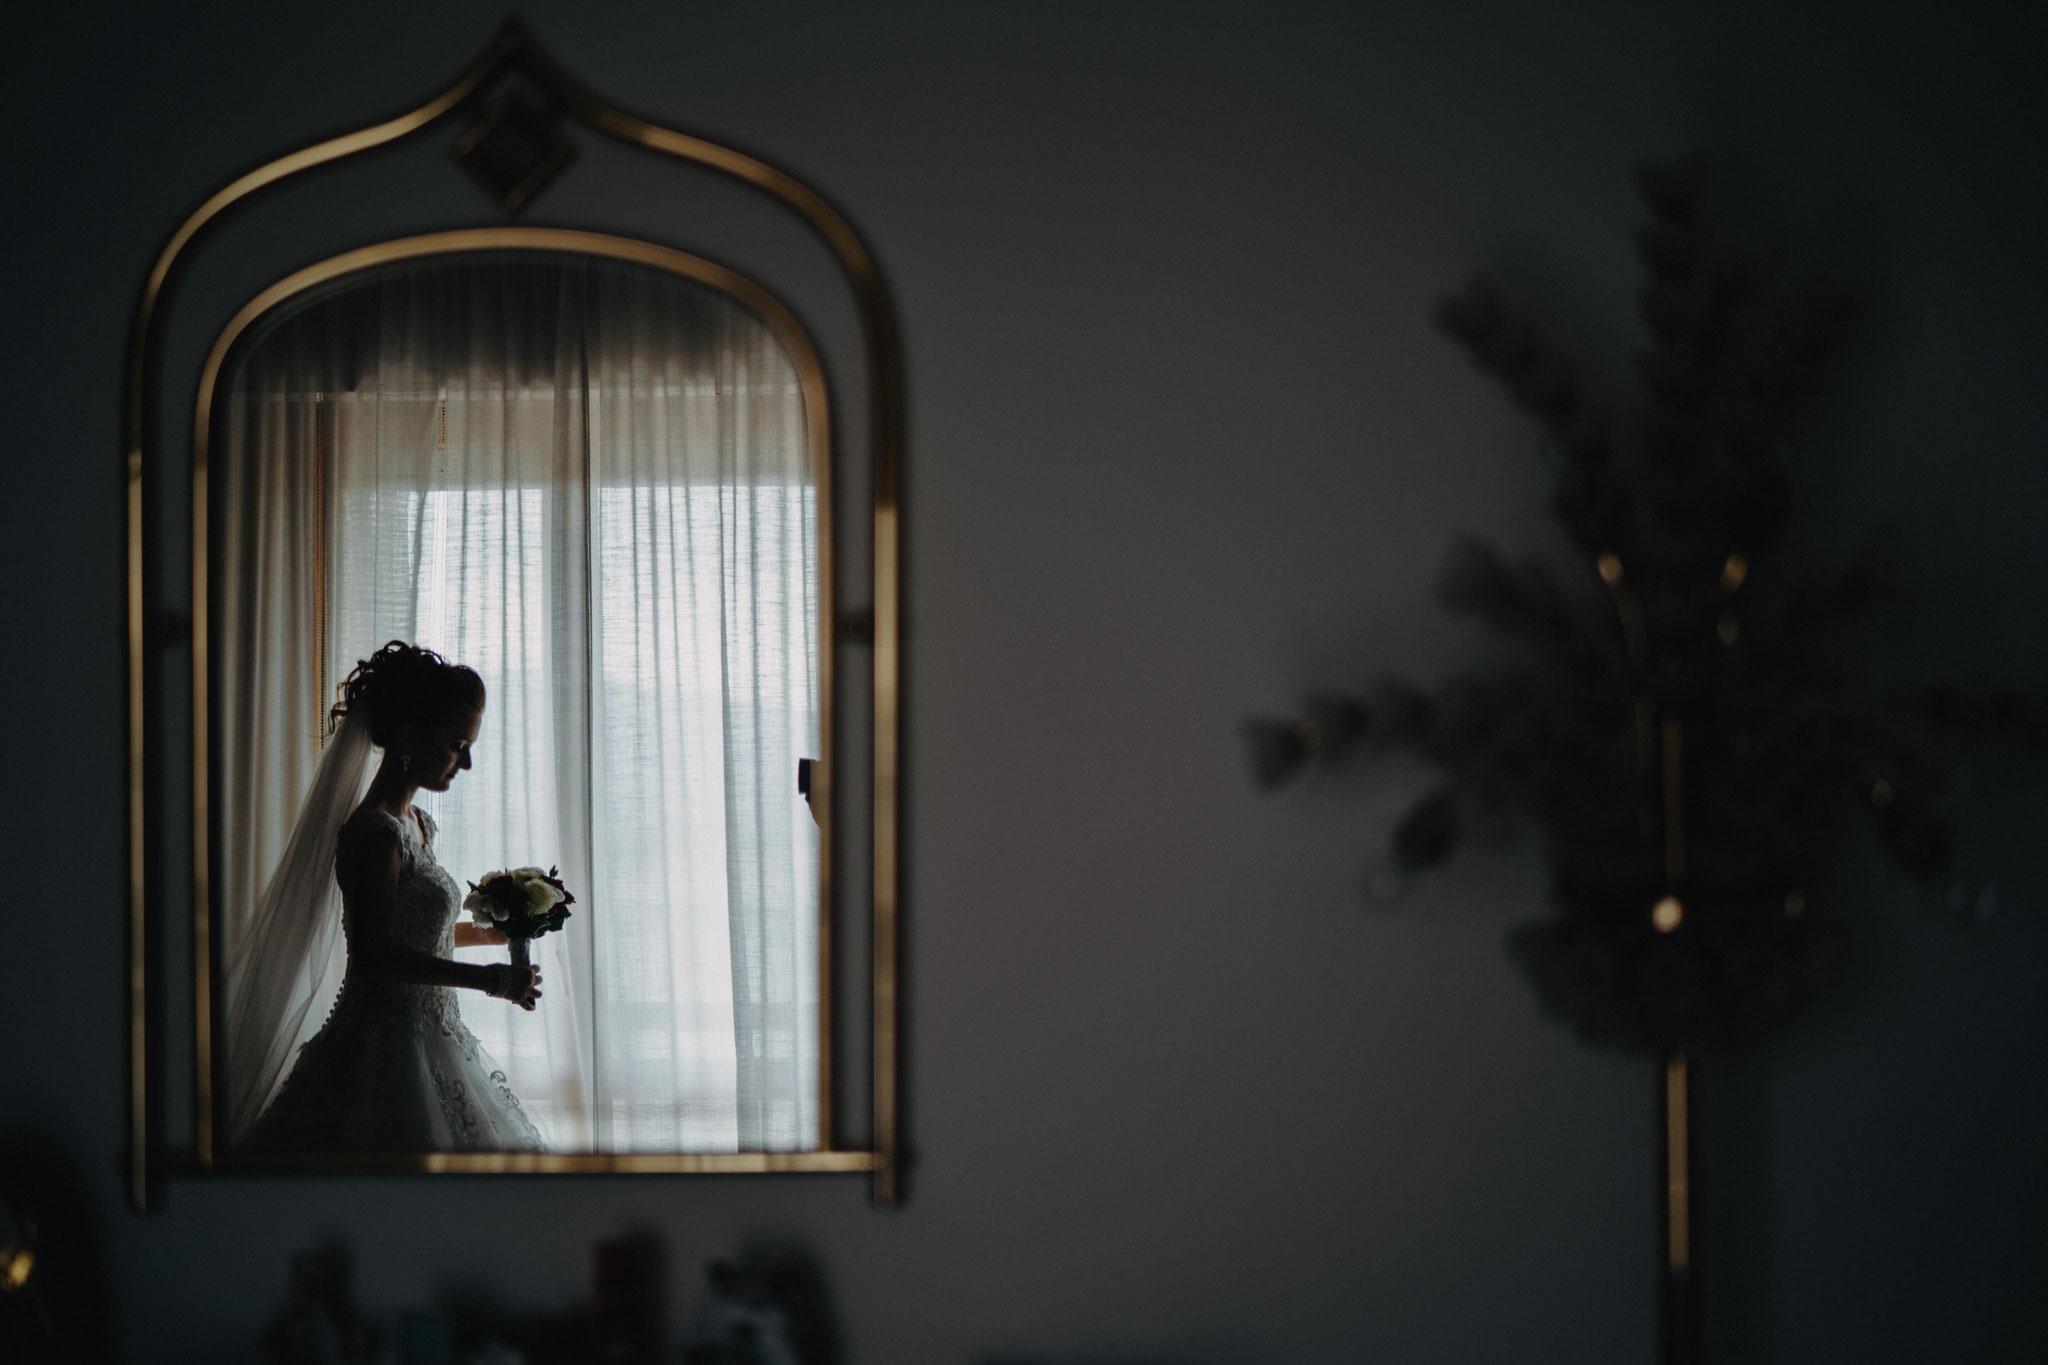 tuscany_wedding_photographer_35